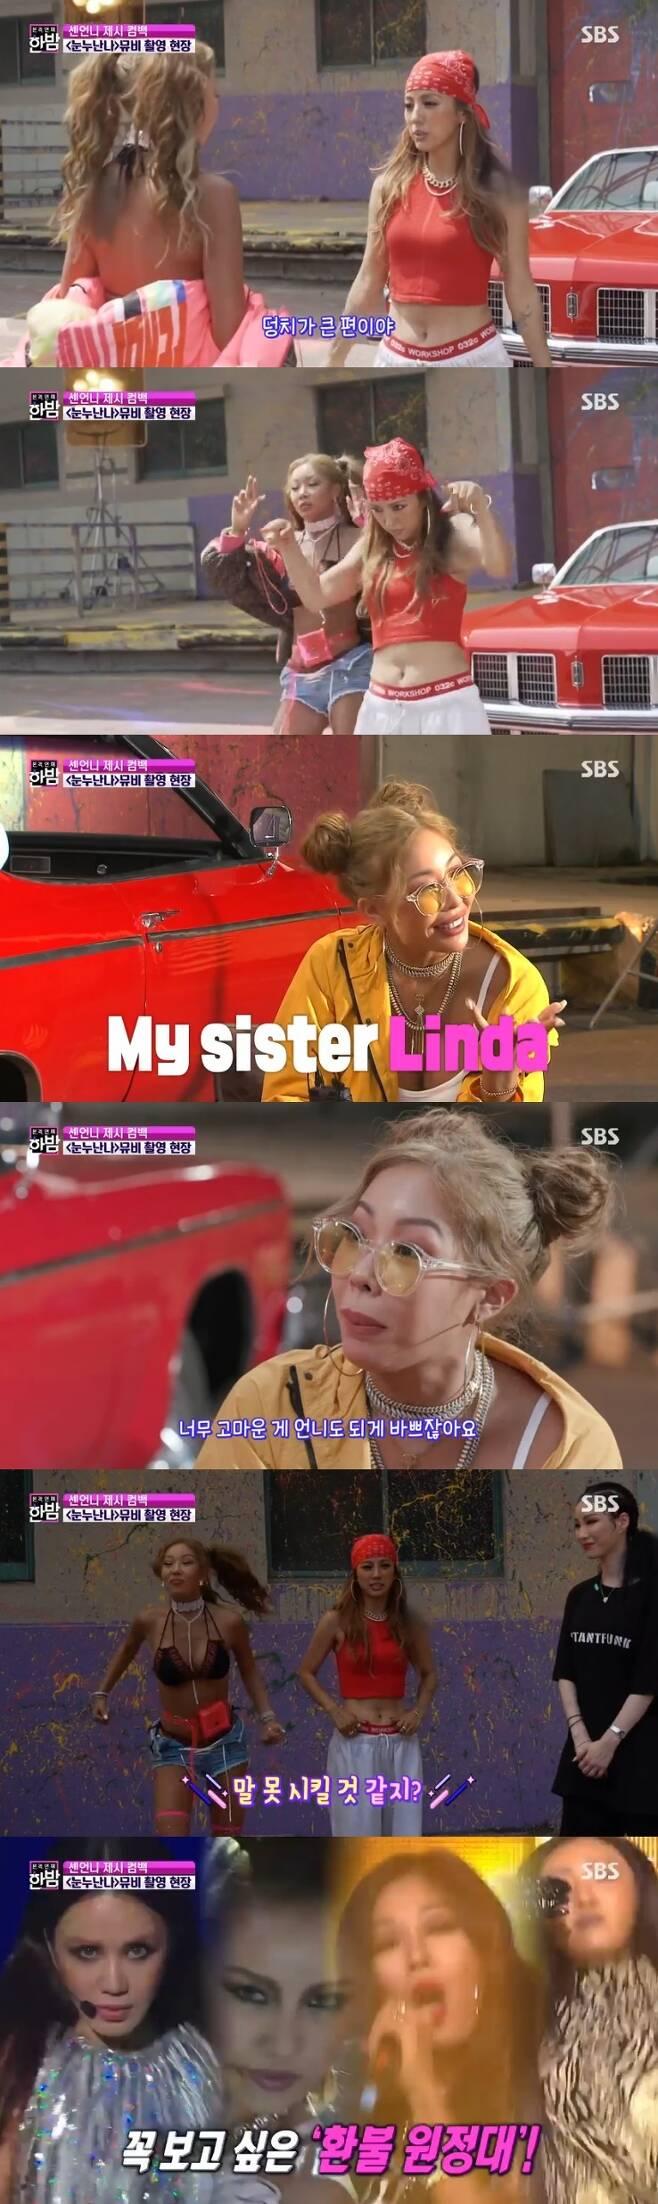 SBS '본격연예 한밤' 캡처 © 뉴스1